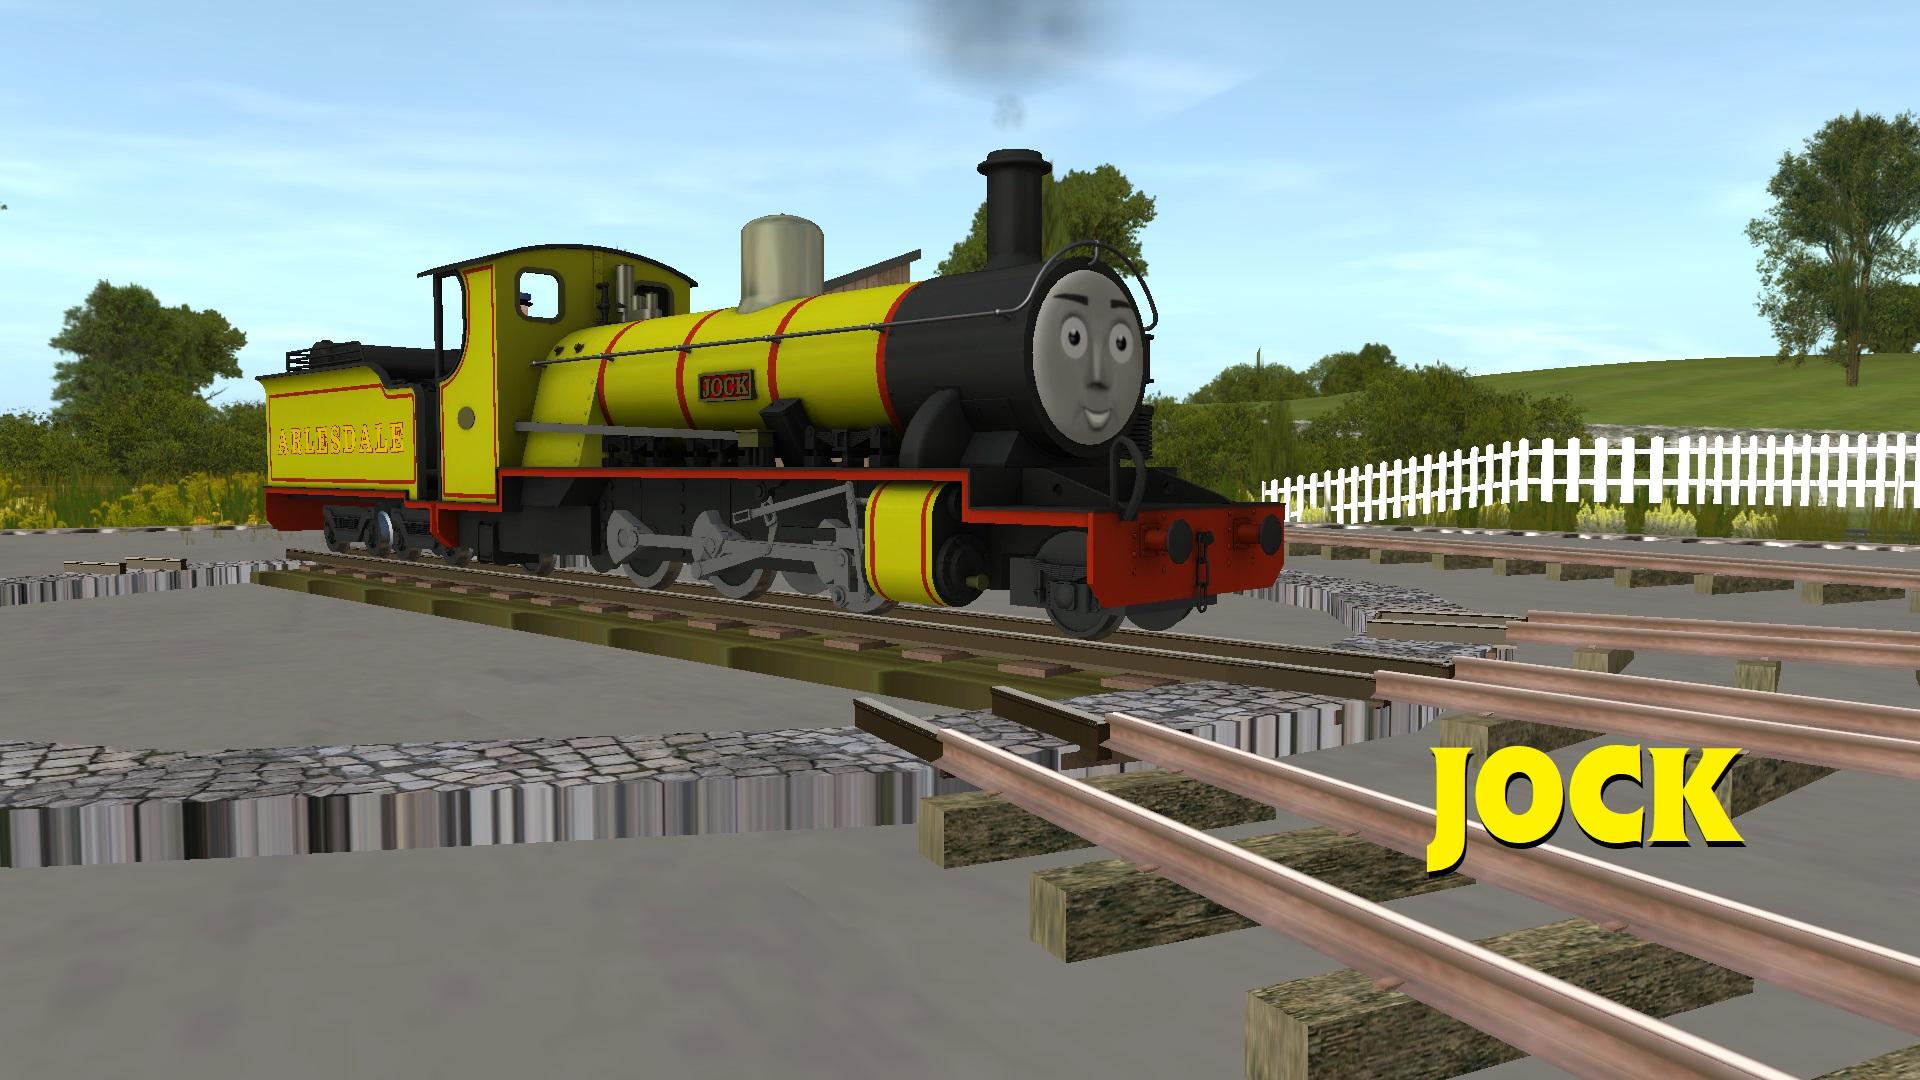 Jock | Thomas1Edward2Henry3 Wiki | FANDOM powered by Wikia